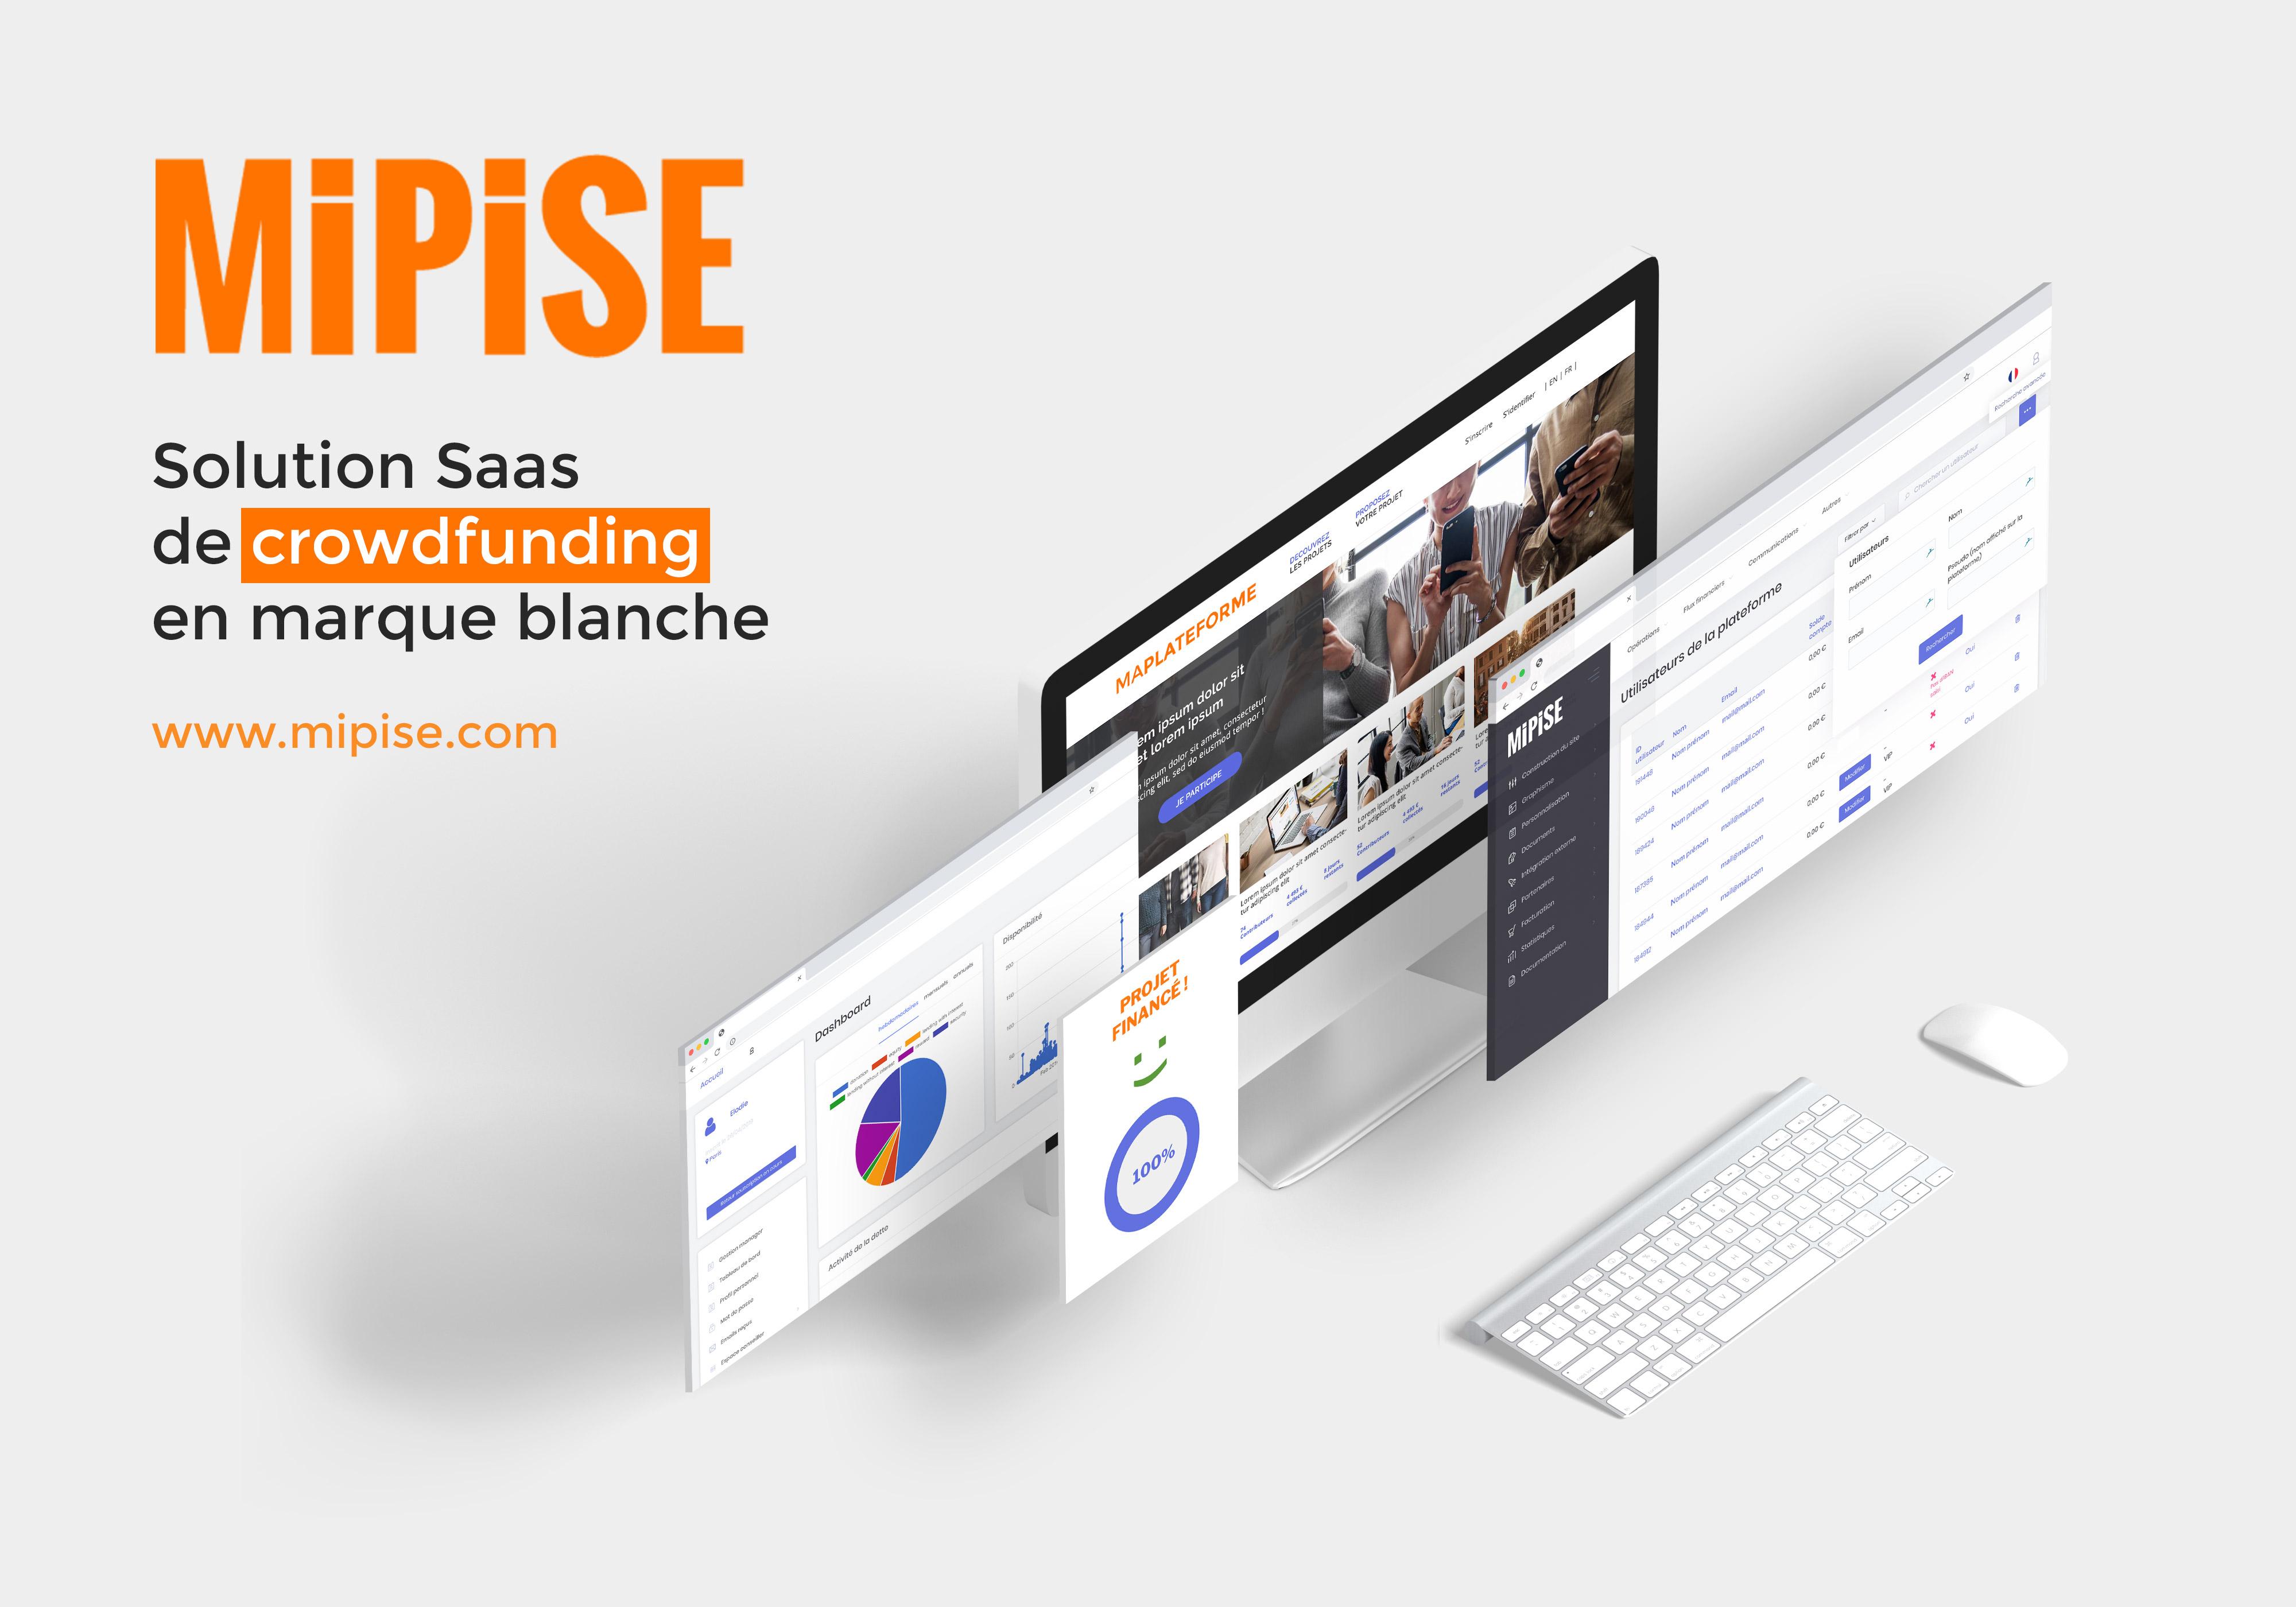 Mipise reçoit le label Fin tech Community